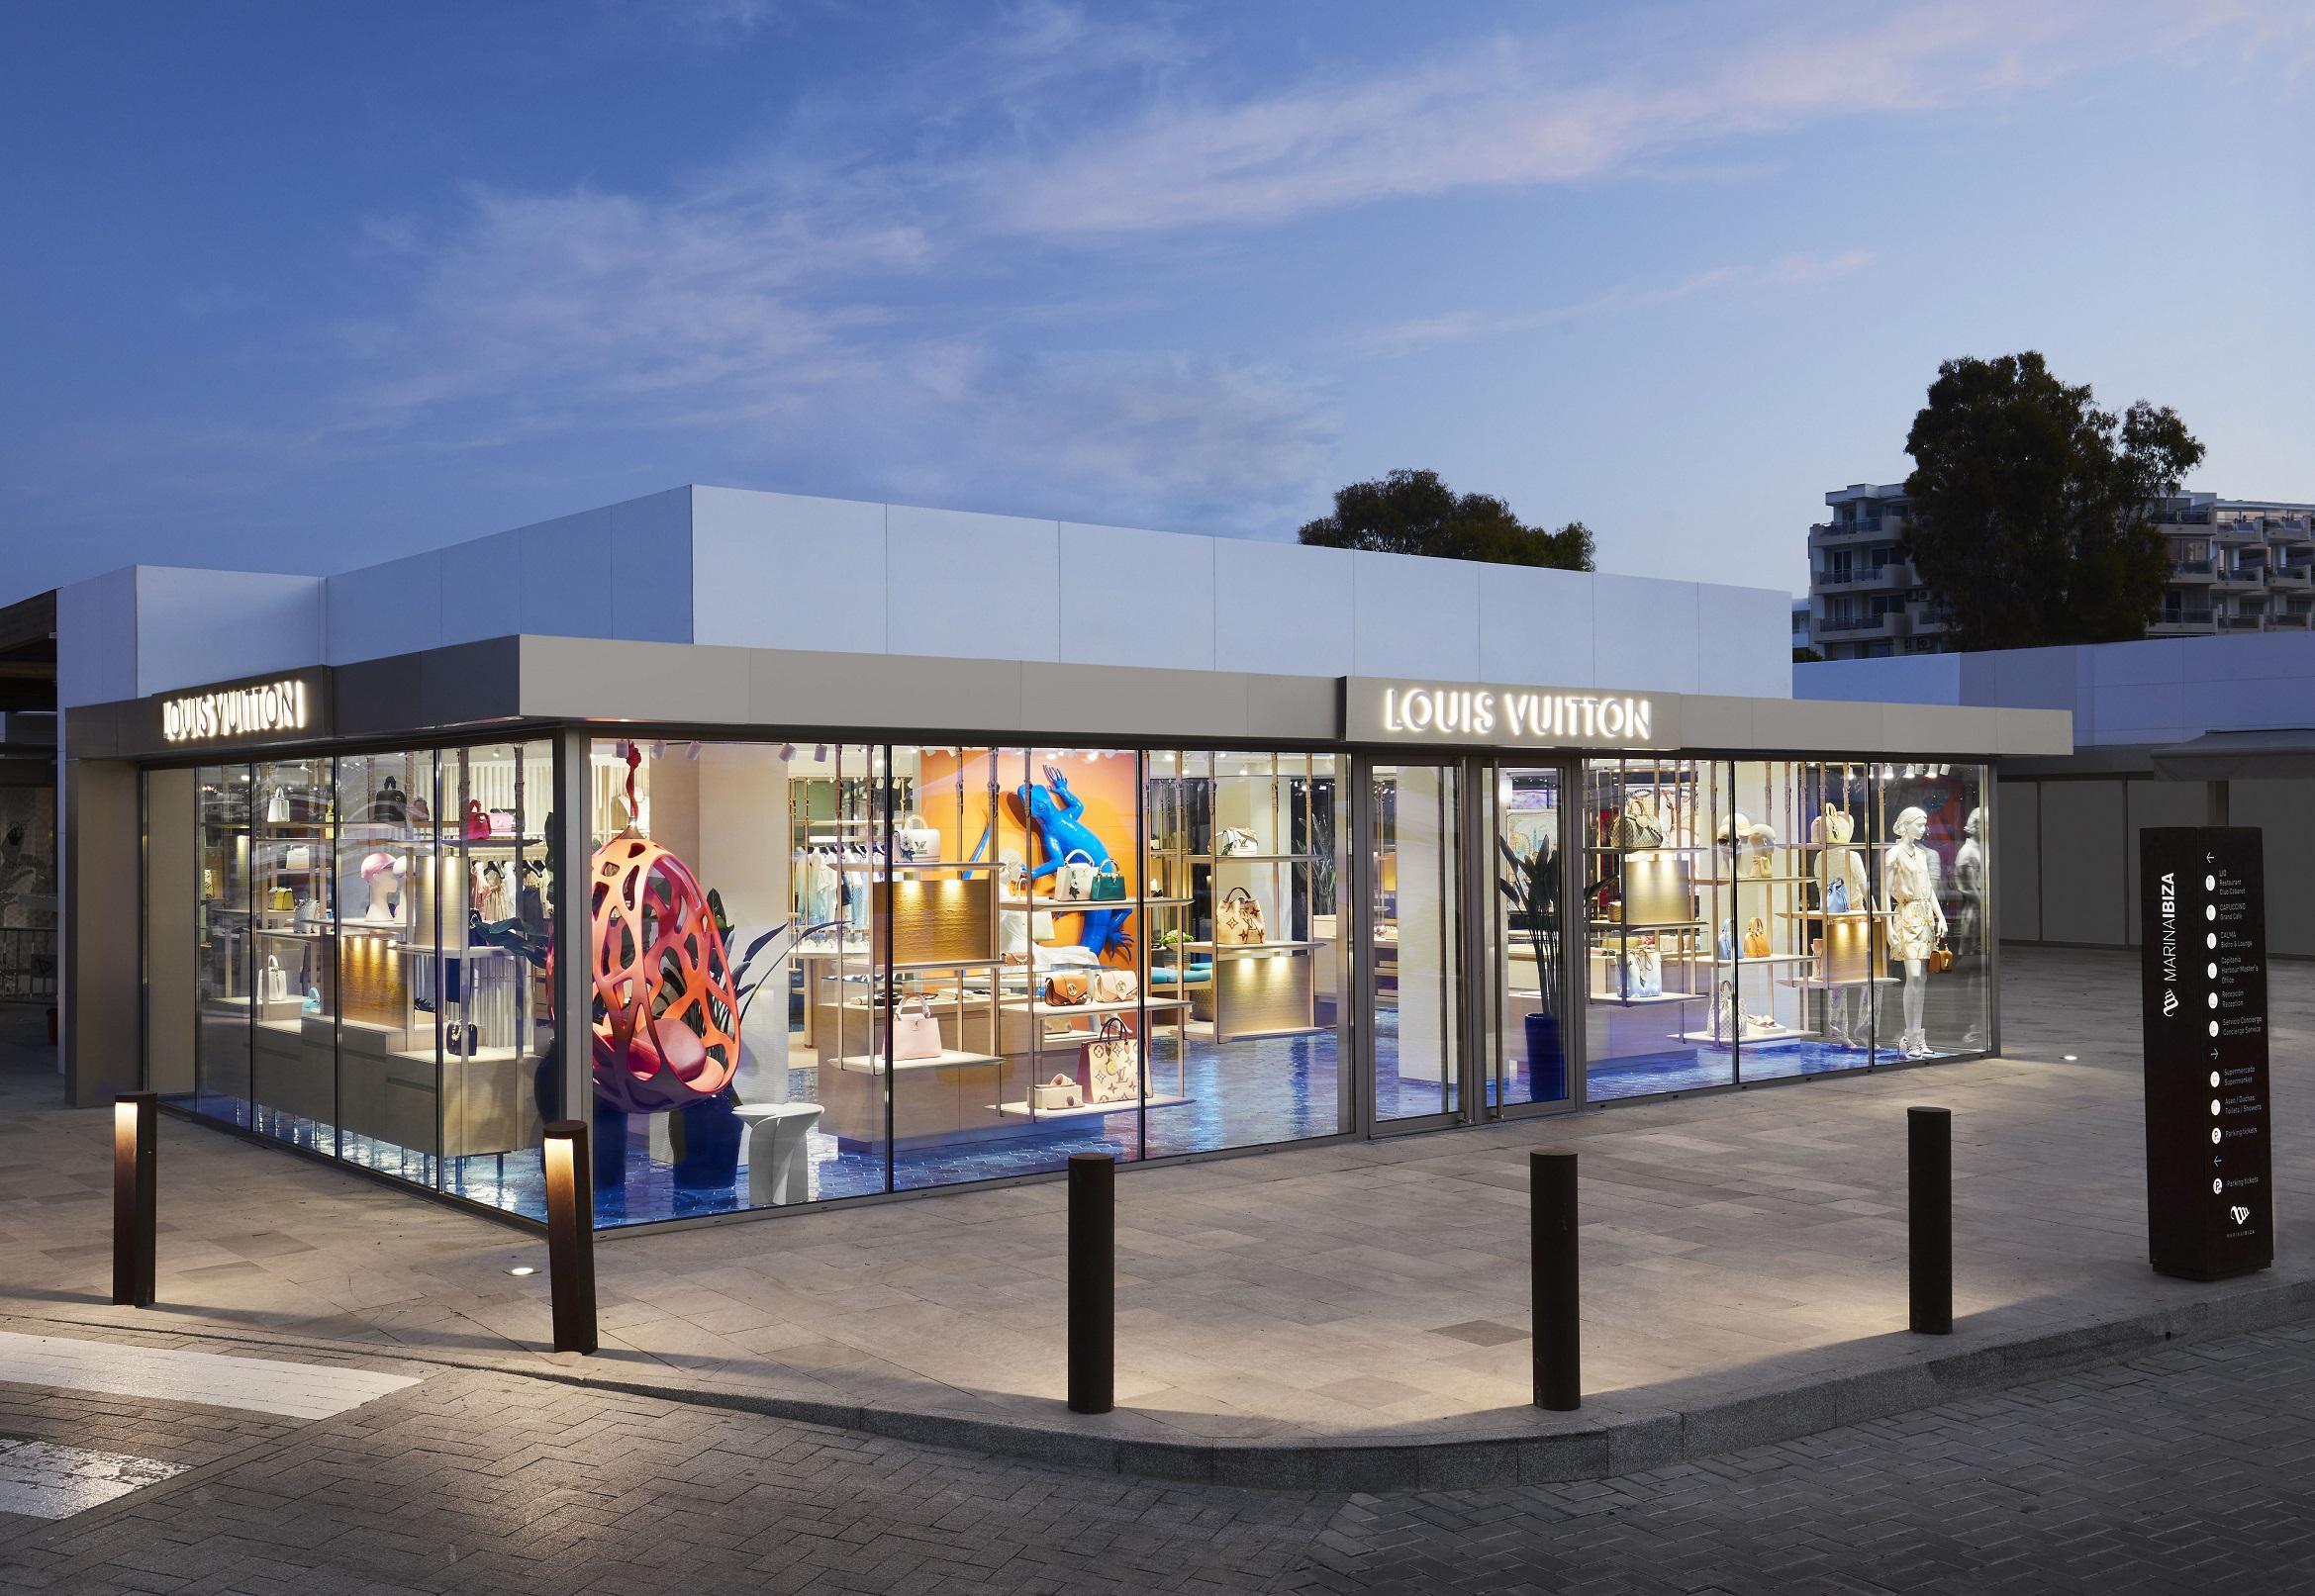 Louis Vuitton inaugura su pop-up de verano en Ibiza